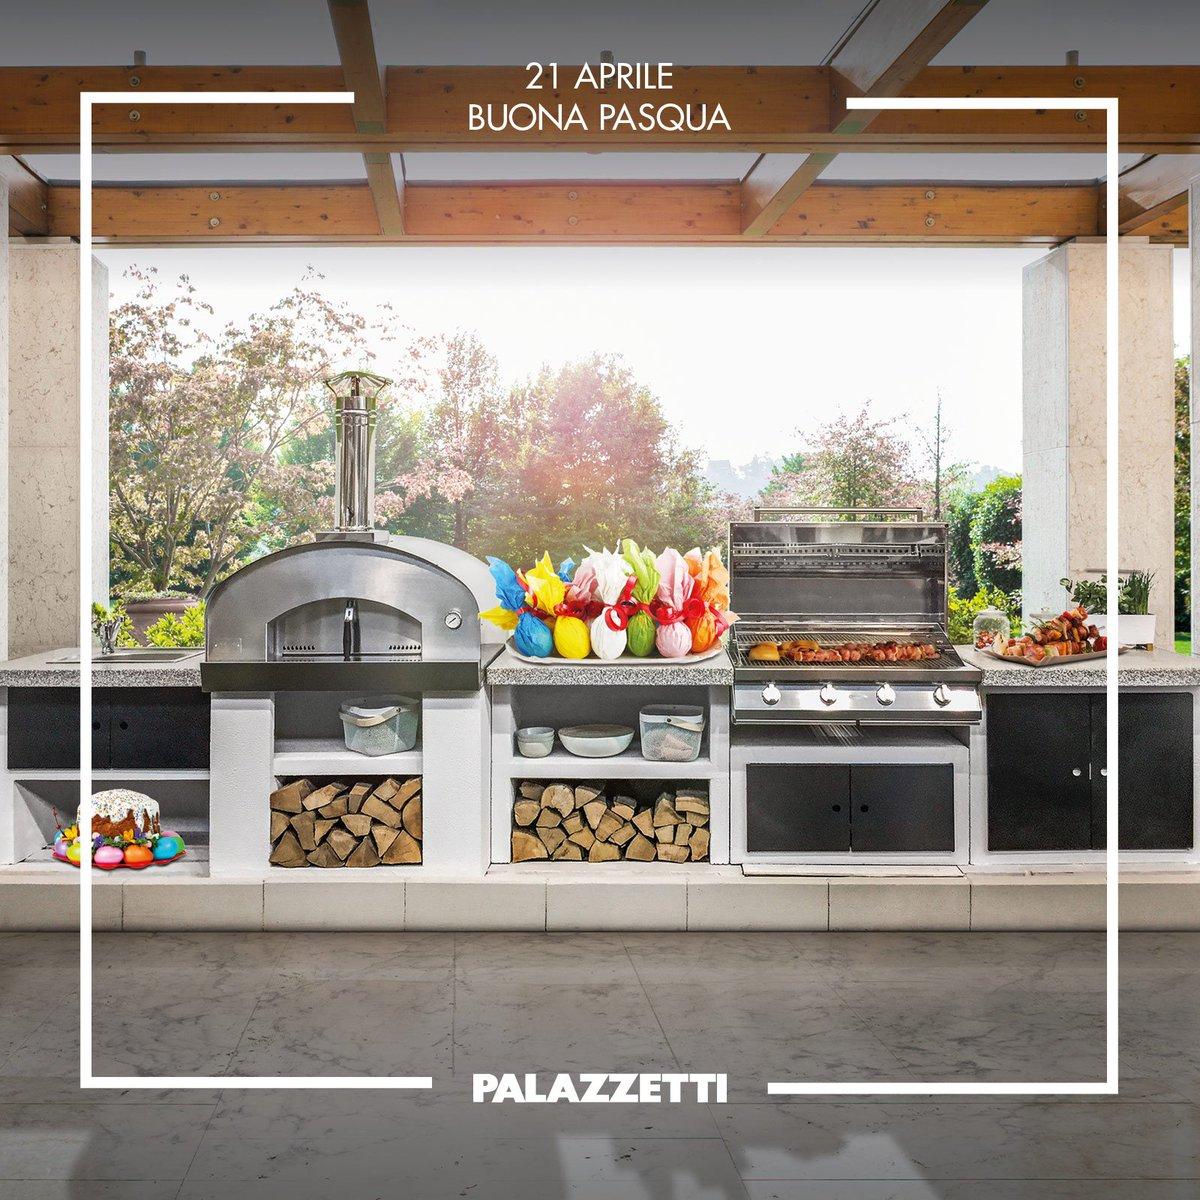 b42a02558bb3 Per noi  Pasqua è grigliate in famiglia! Stai cercando un nuovo bbq  Scopri  la promozione  barbecue 2019. https   outdoor.palazzetti.it   pic.twitter.com  ...